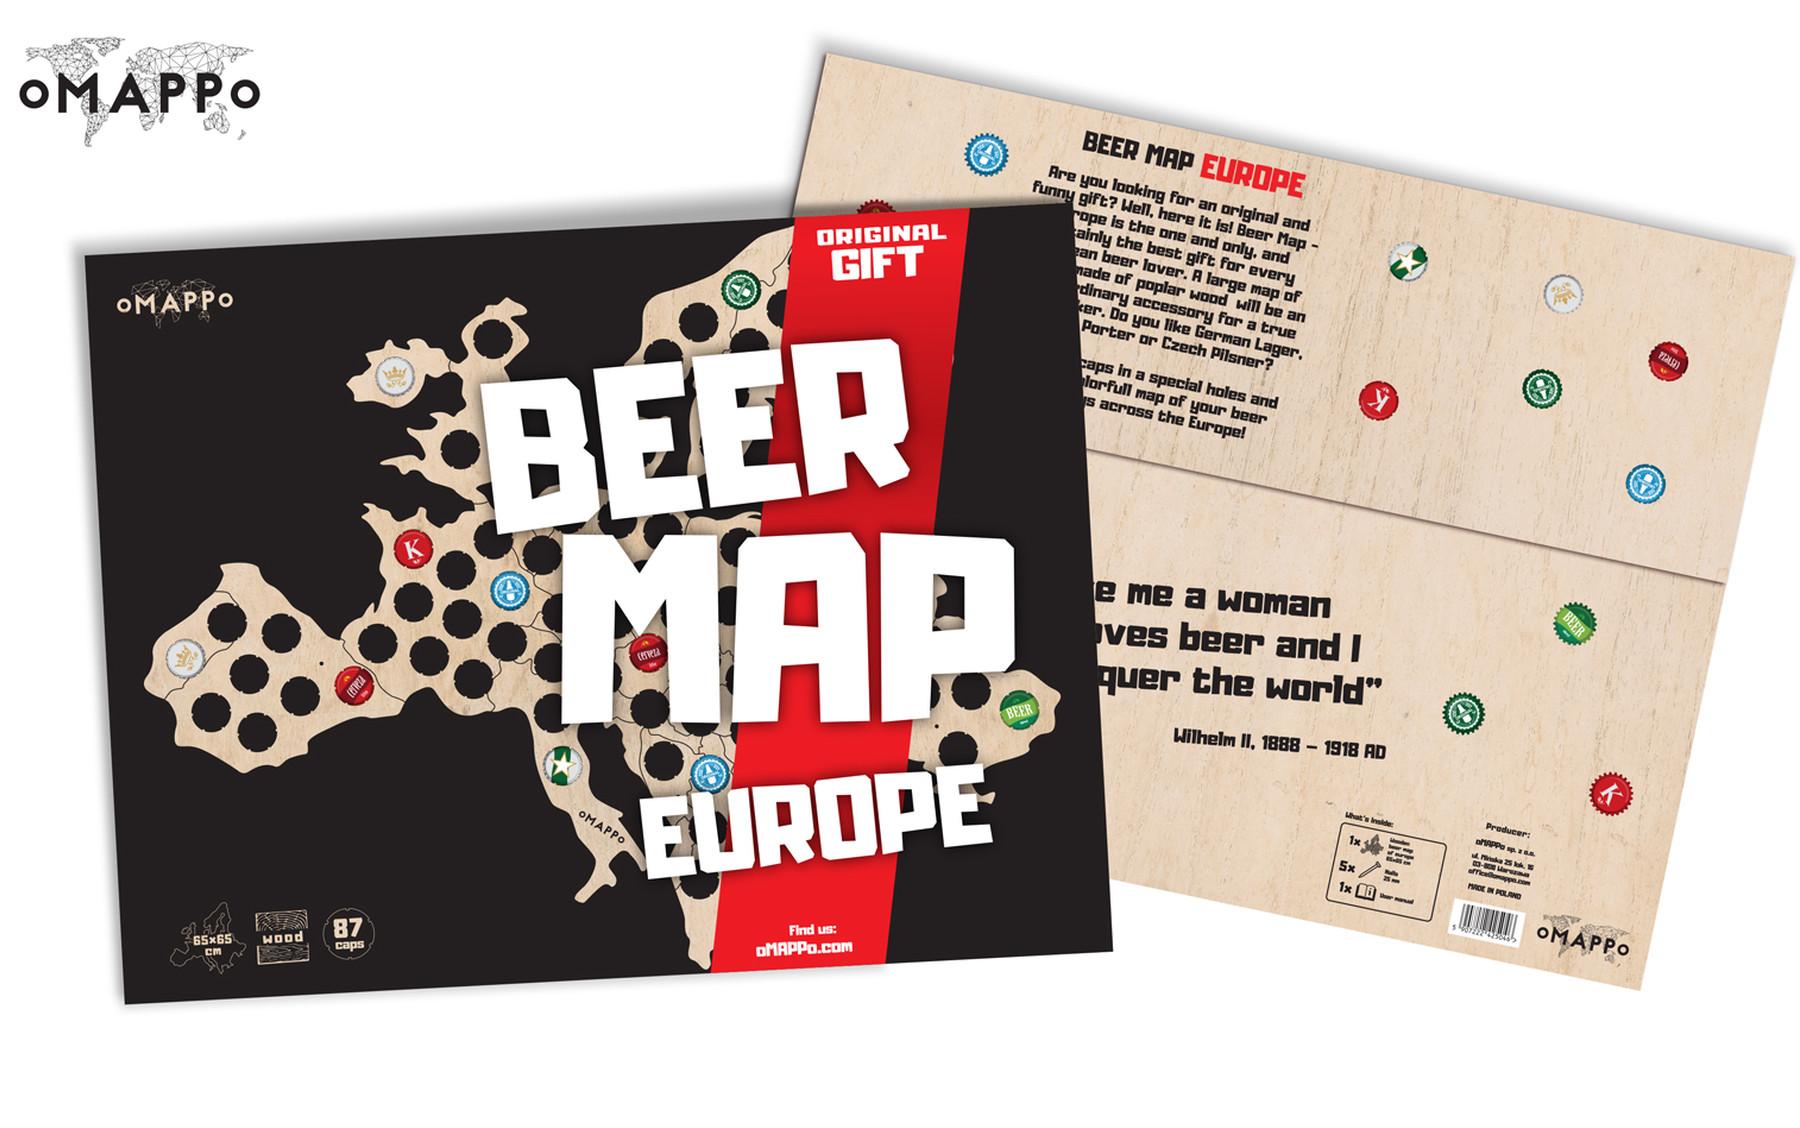 Bierkarte europa geschenk geschaft 5